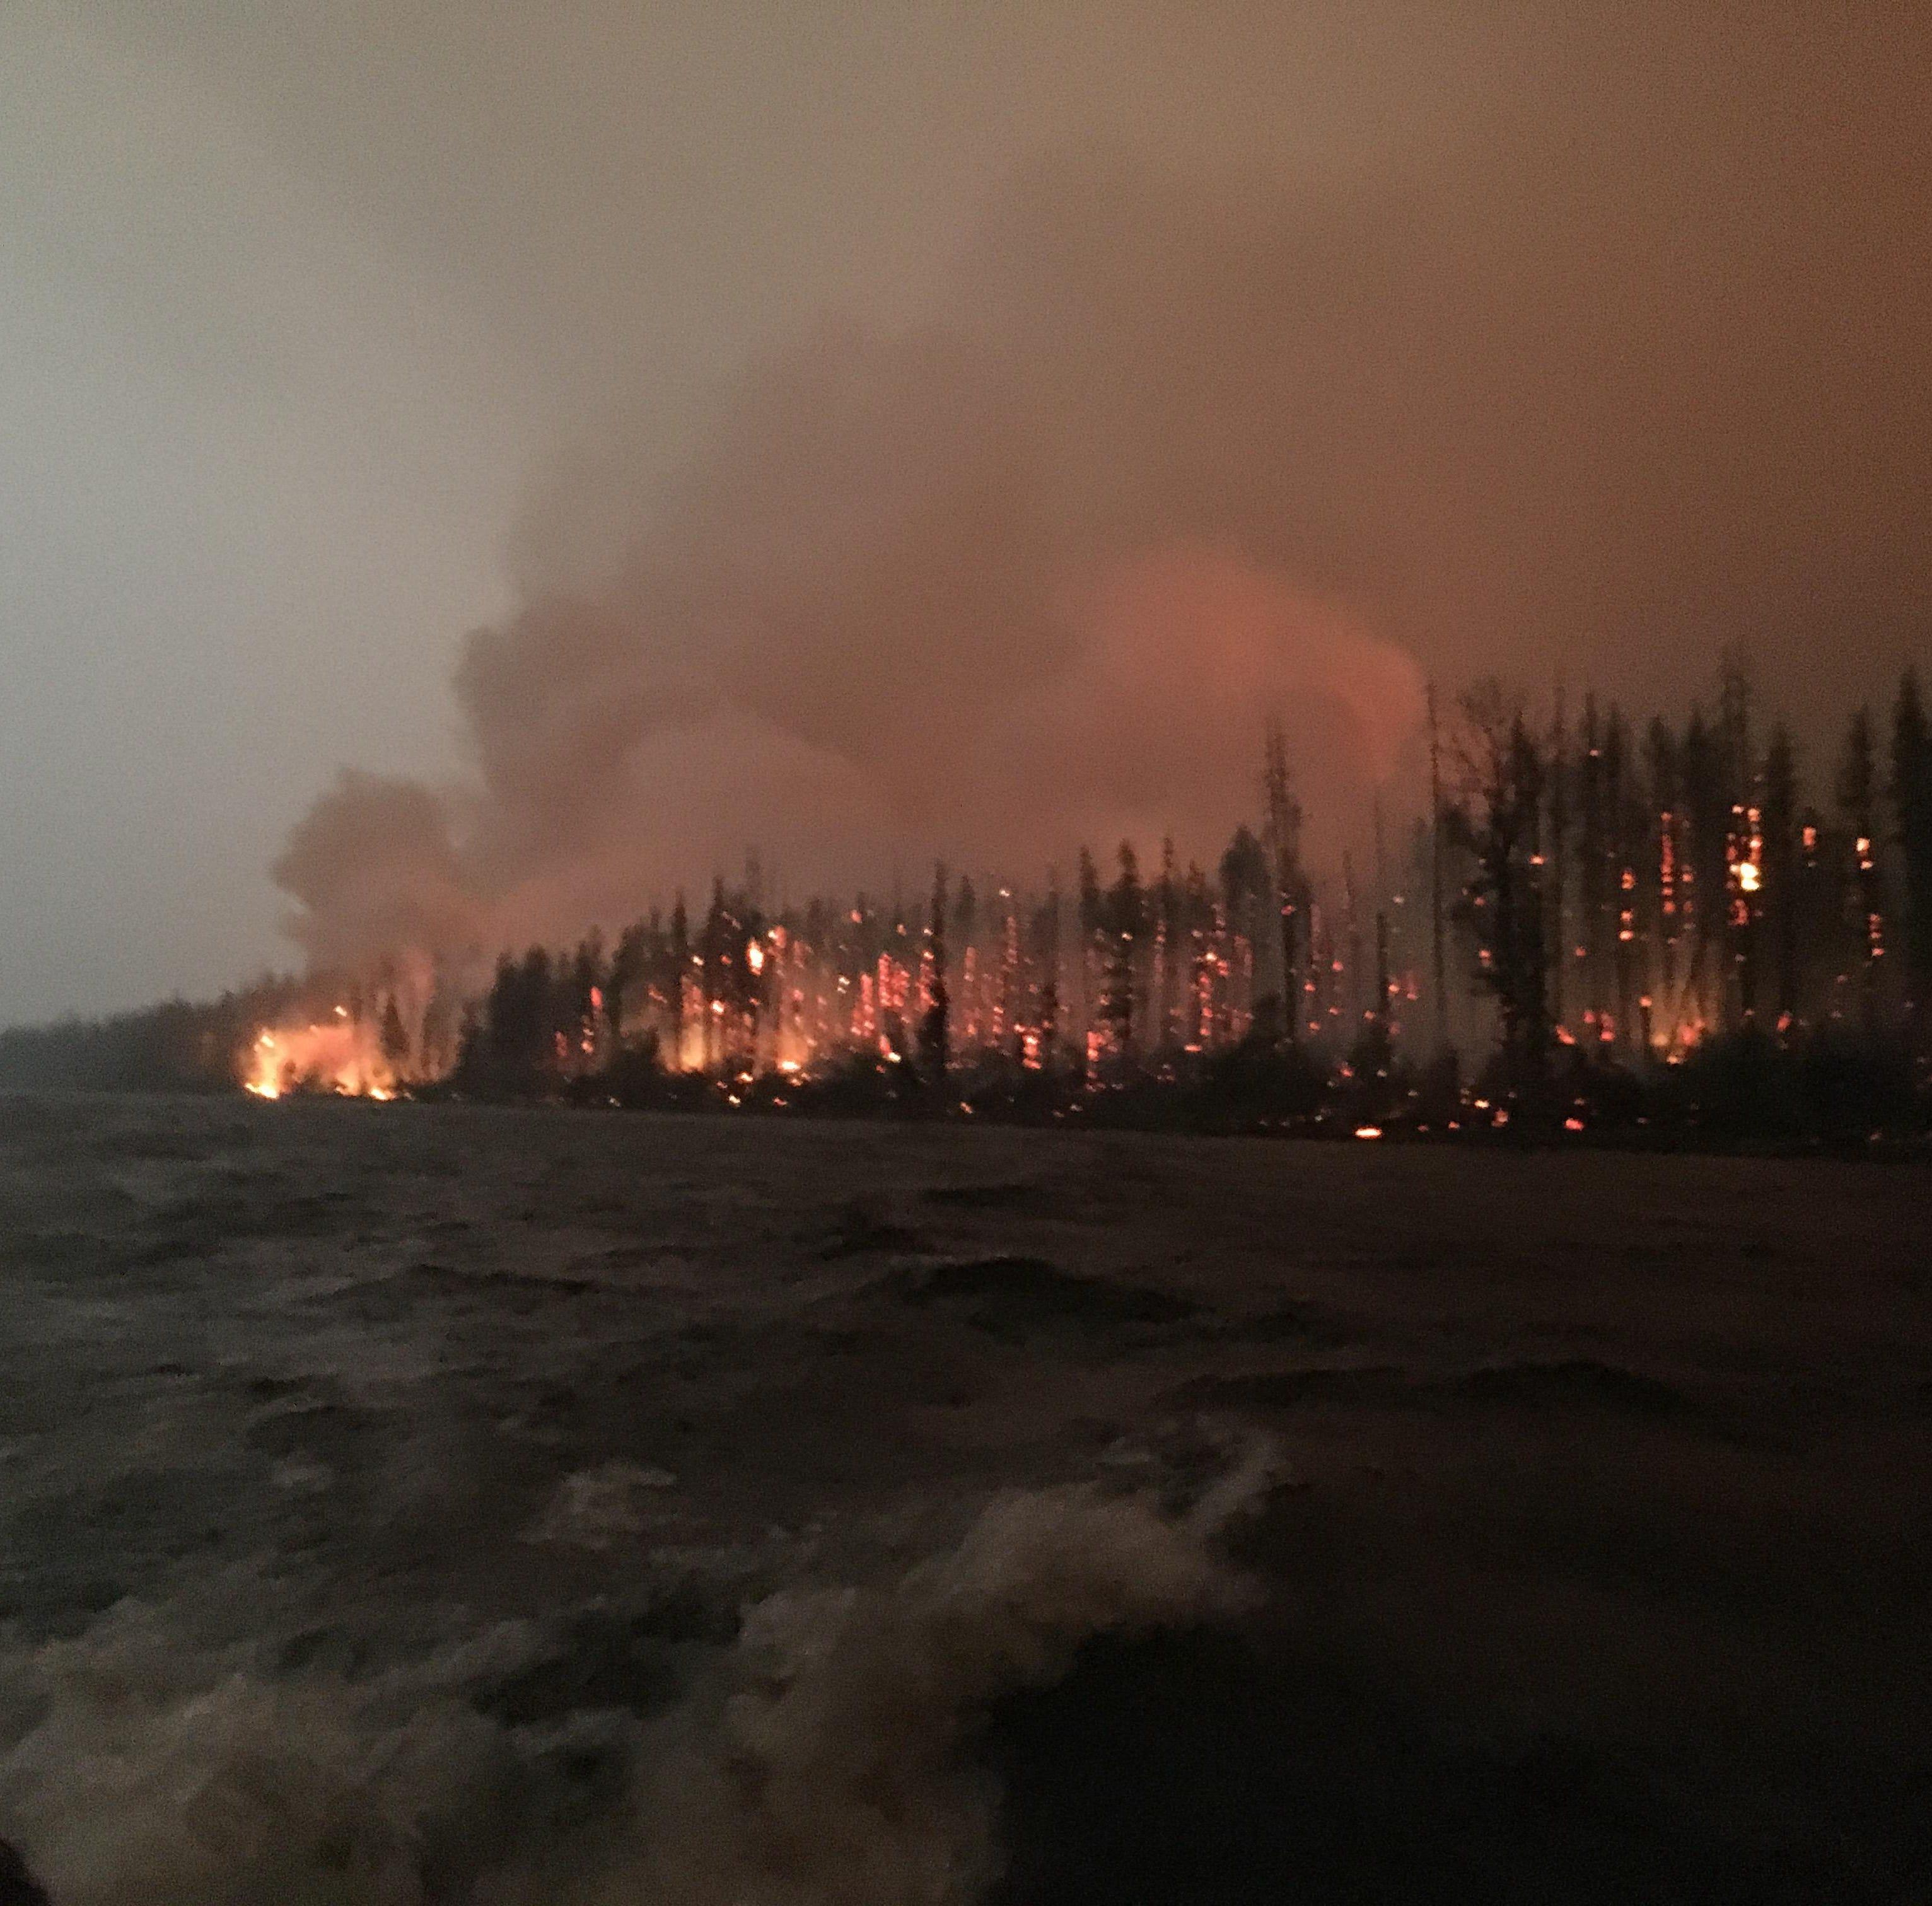 Glacier National Park Aug. 20 fires update